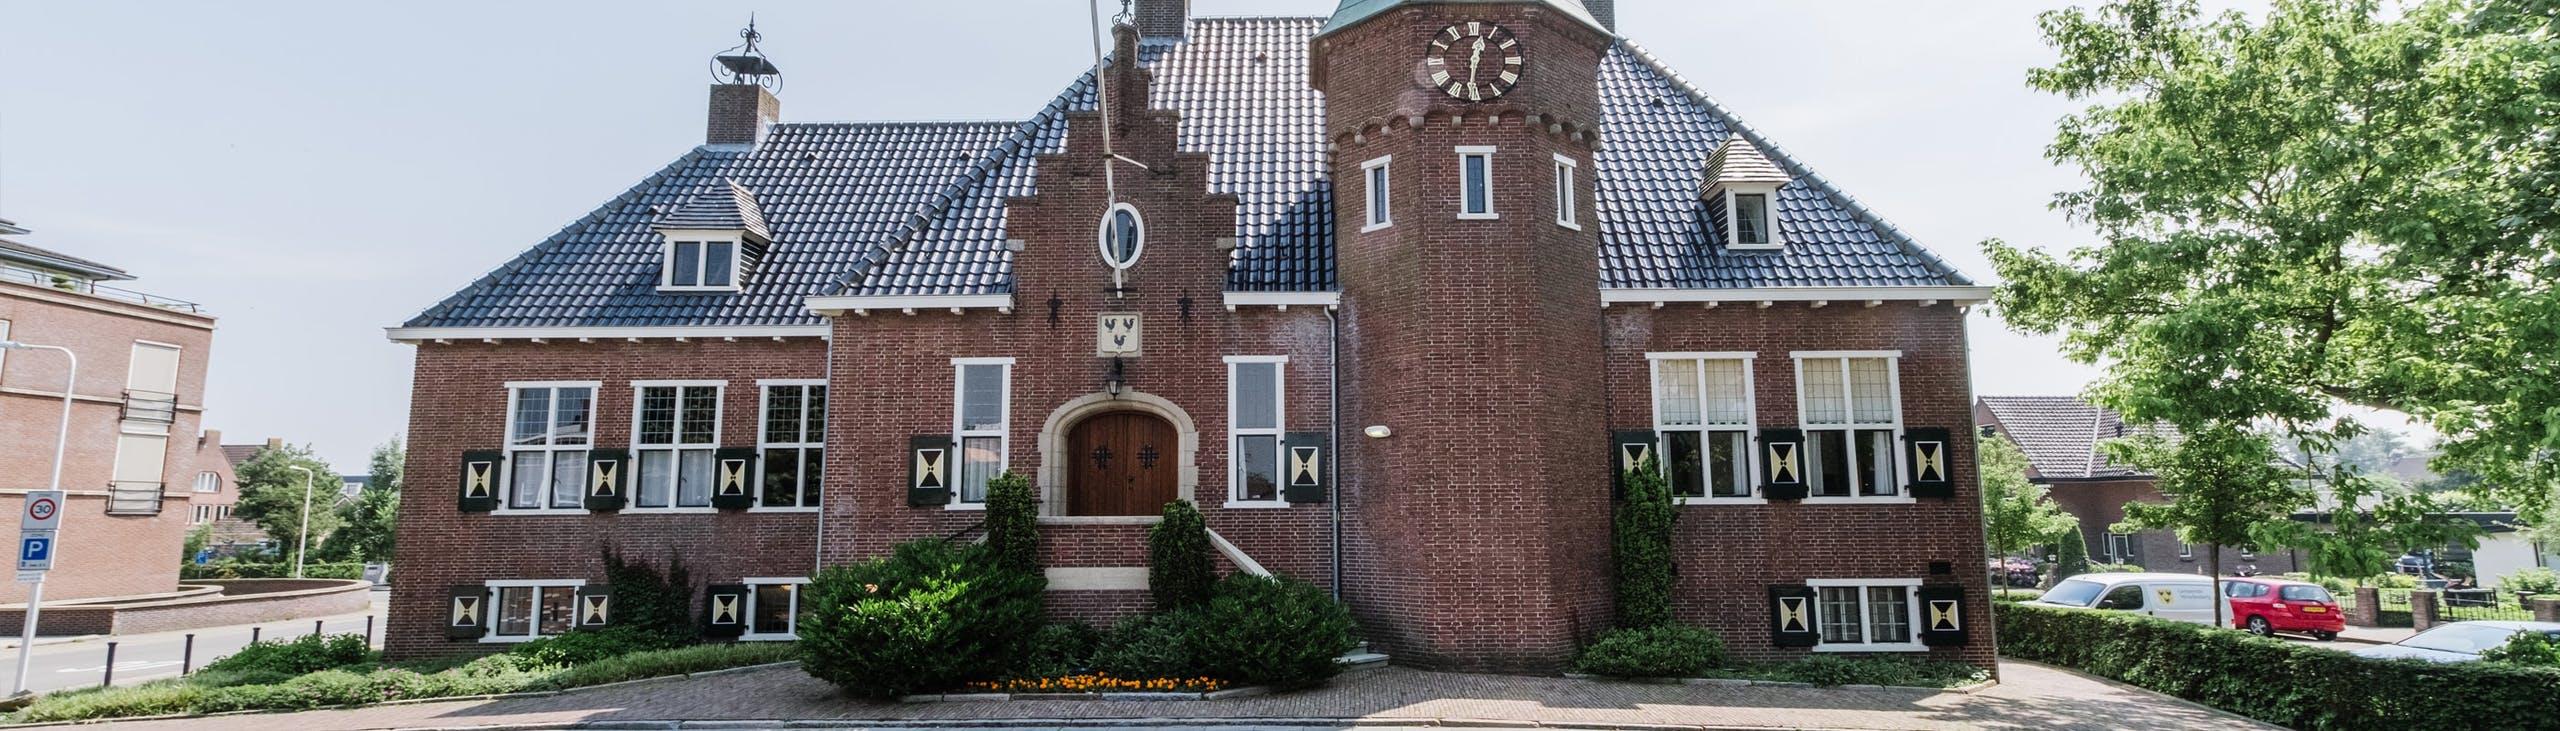 Gemeente Woudenberg-foto